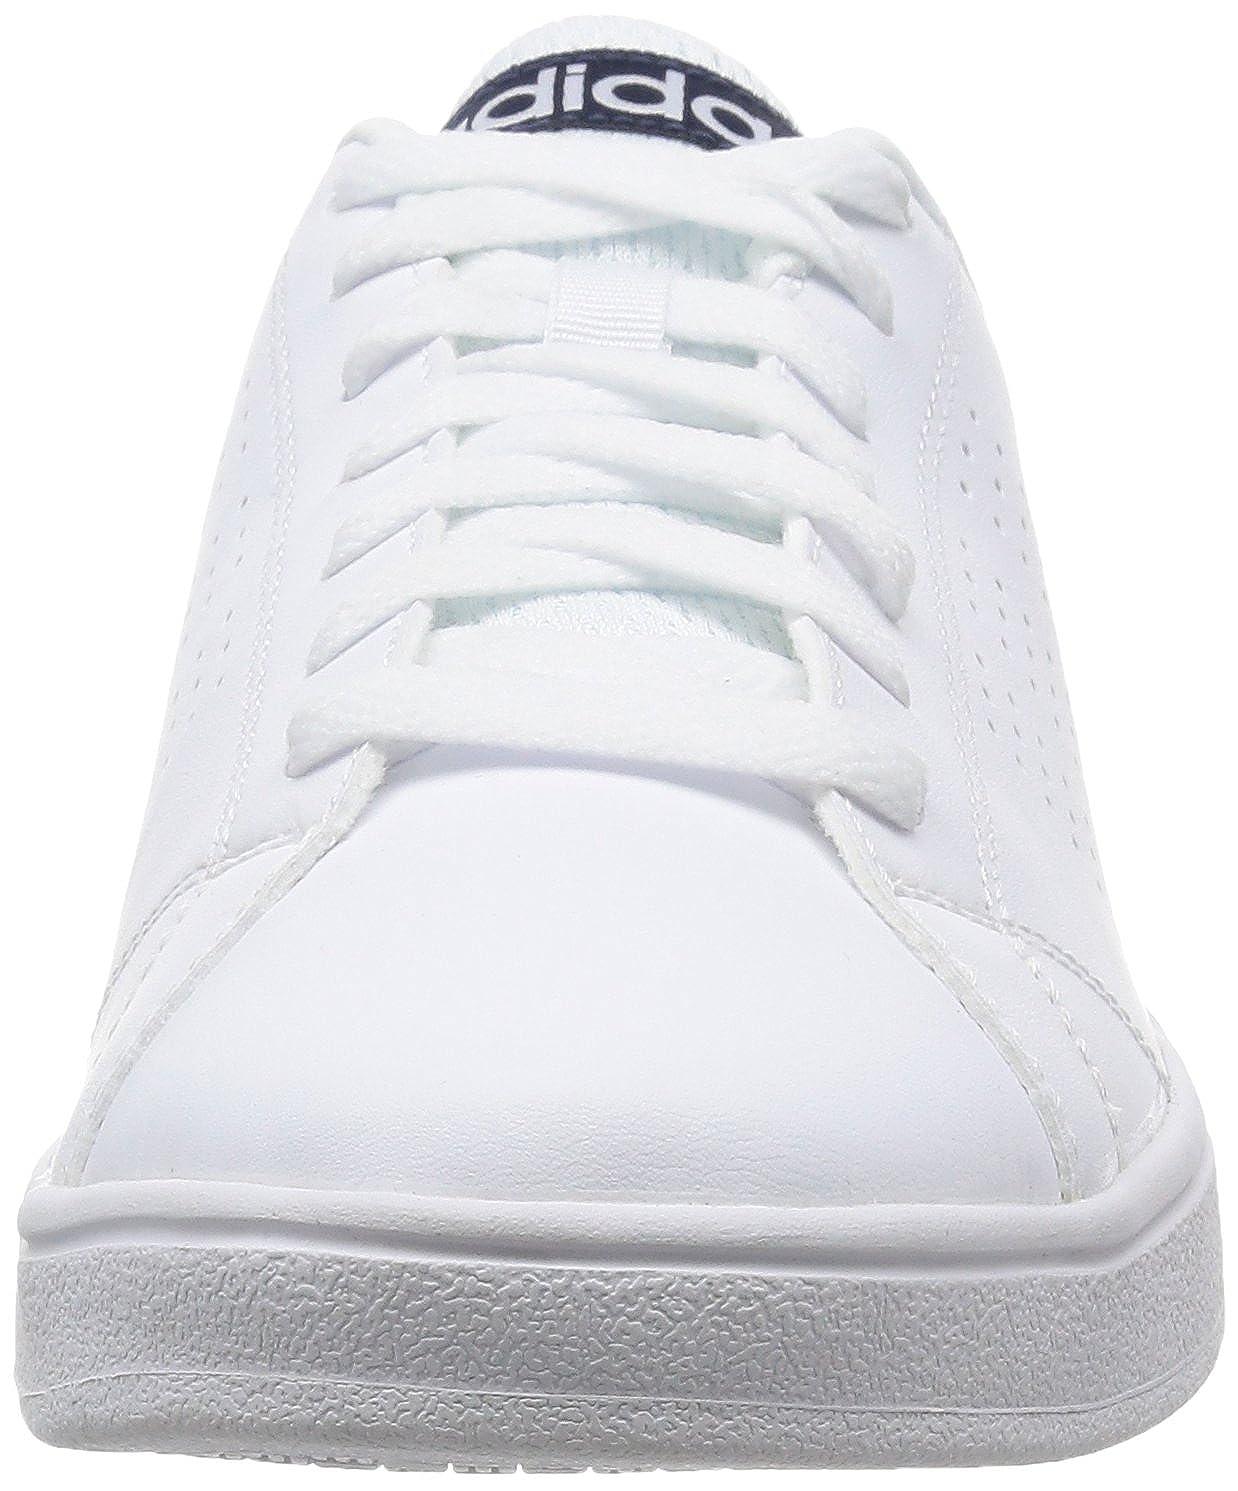 Uomo Da Adidas Vs Neo Clean Advantage Scarpe Ginnastica qBxC6O